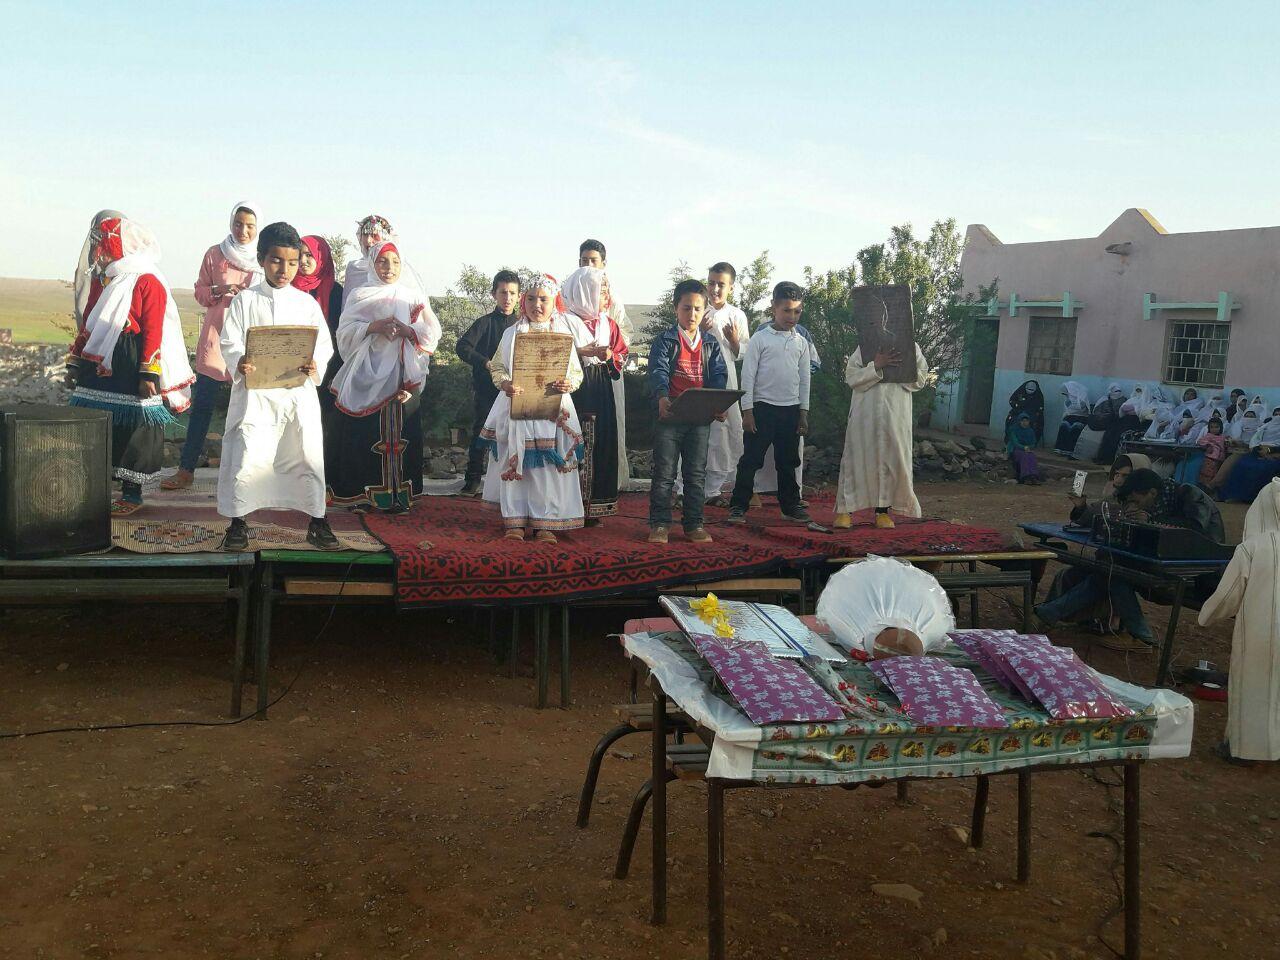 إختتام فعاليات الأيام الثقافية لفرعية ادمبارك مجموعة مدارس إبن زهر